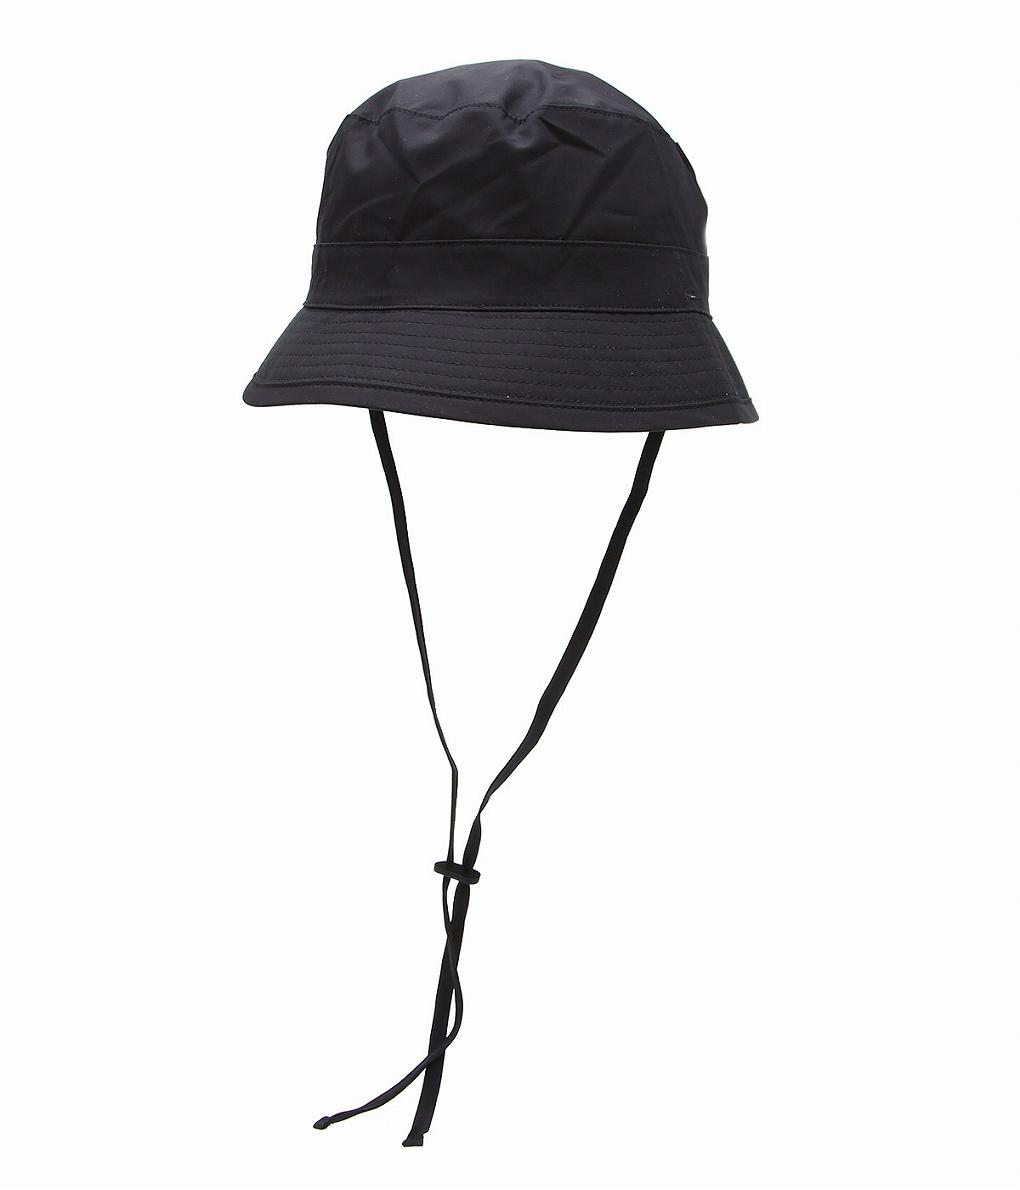 KAPTAIN SUNSHINE / キャプテンサンシャイン : Reversivle Bush Hat : リバーシブル ブッシュ ハット 帽子 メンズ : KS20SGD01 【NOA】